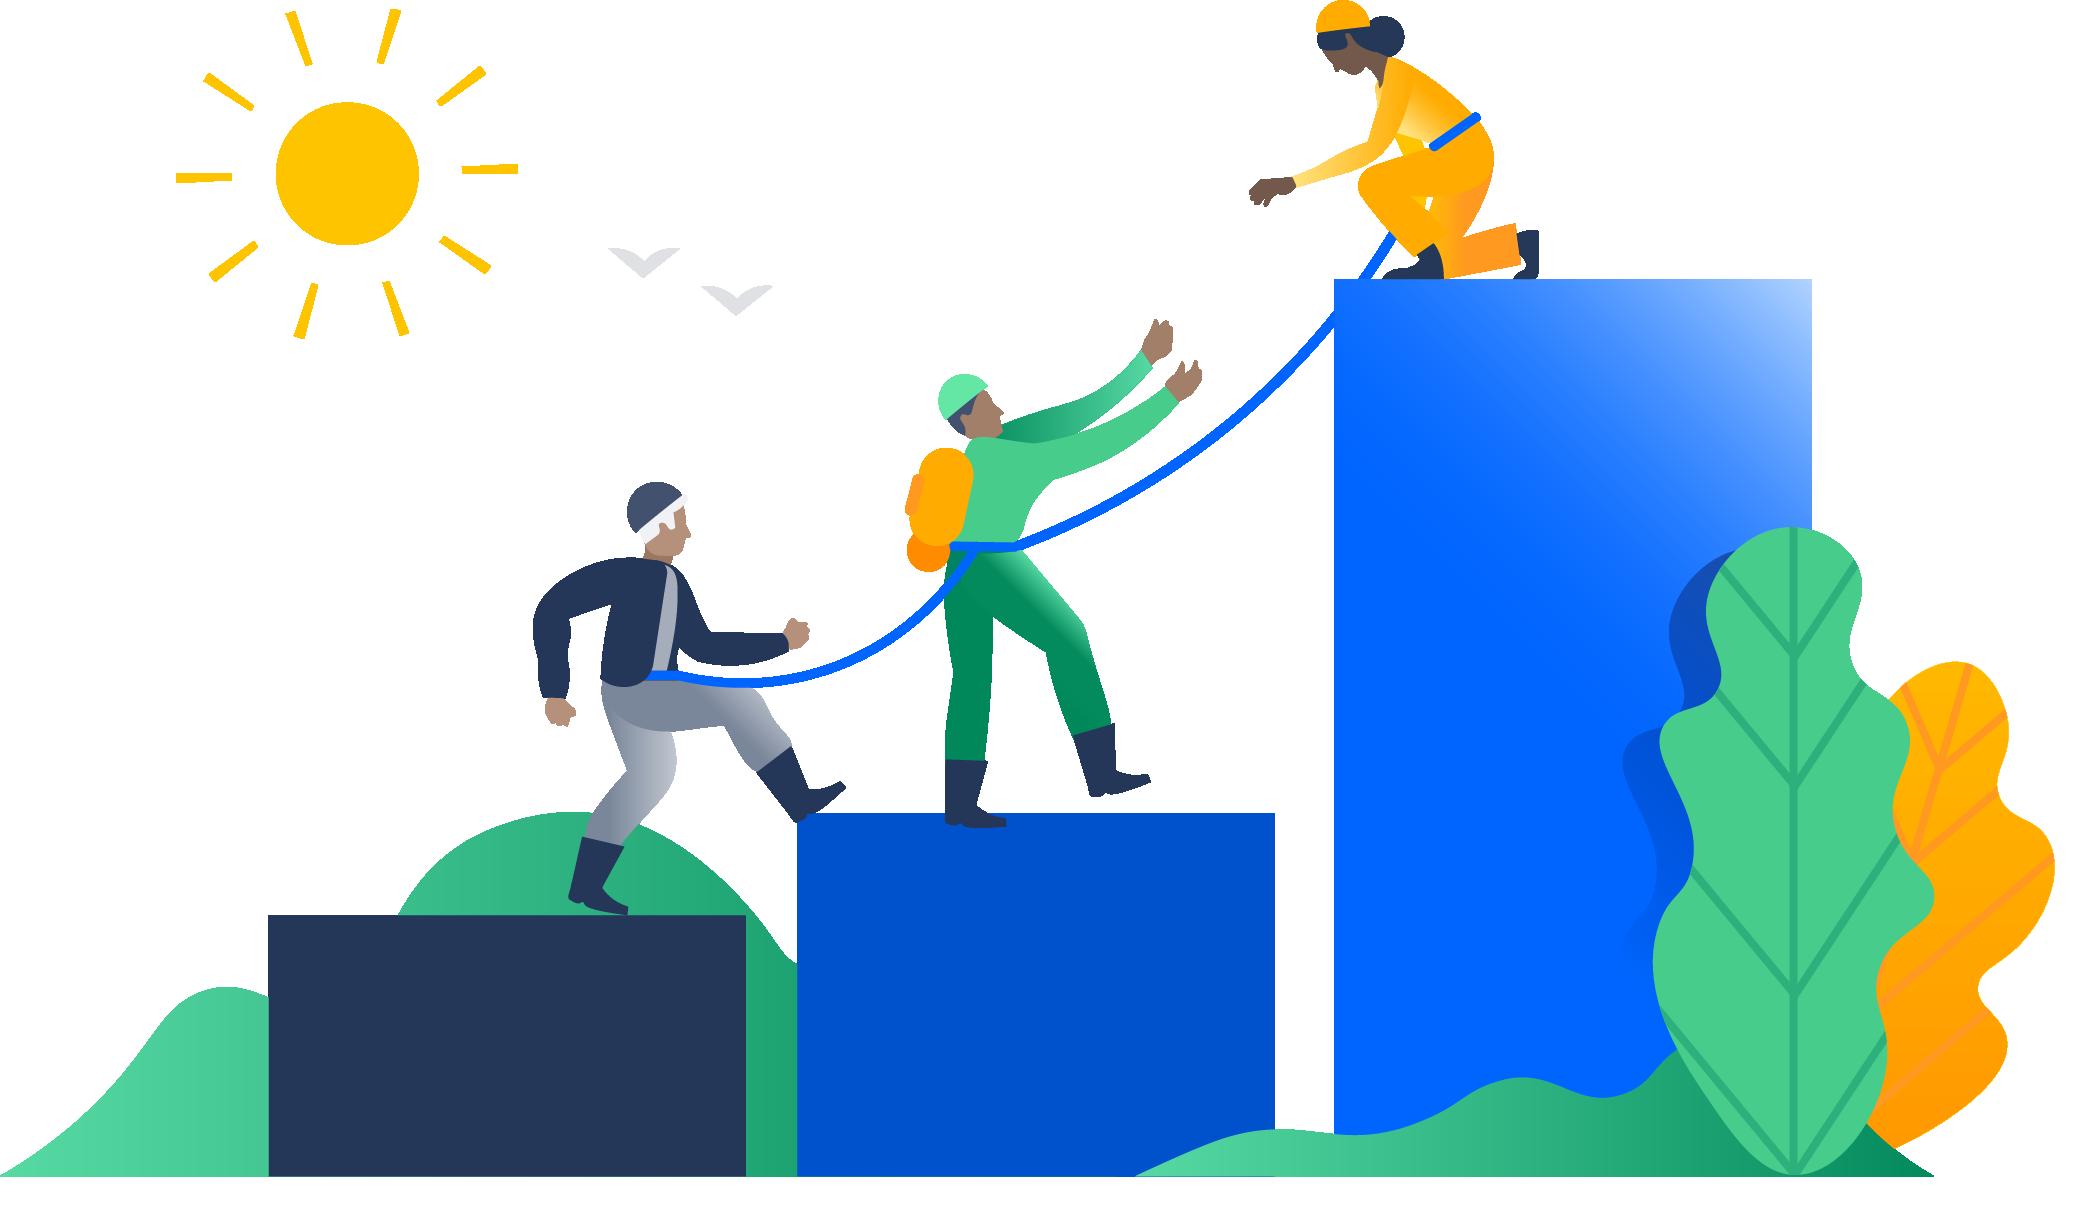 Illustration of a team climbing a bar chart